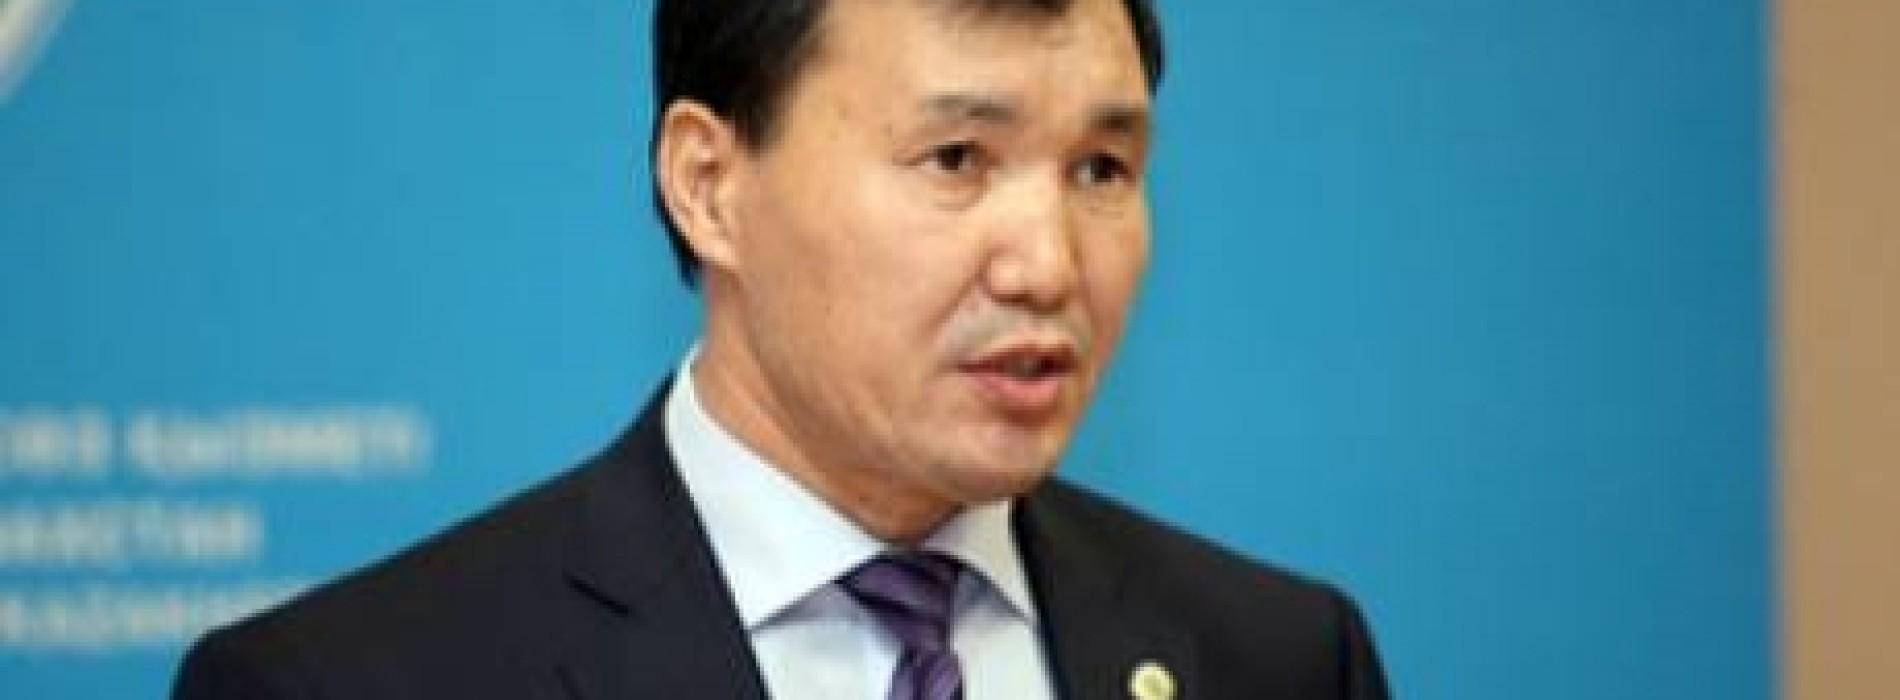 Алик Шпекбаев: Лучше огромный штраф, чем заключение в тюрьме